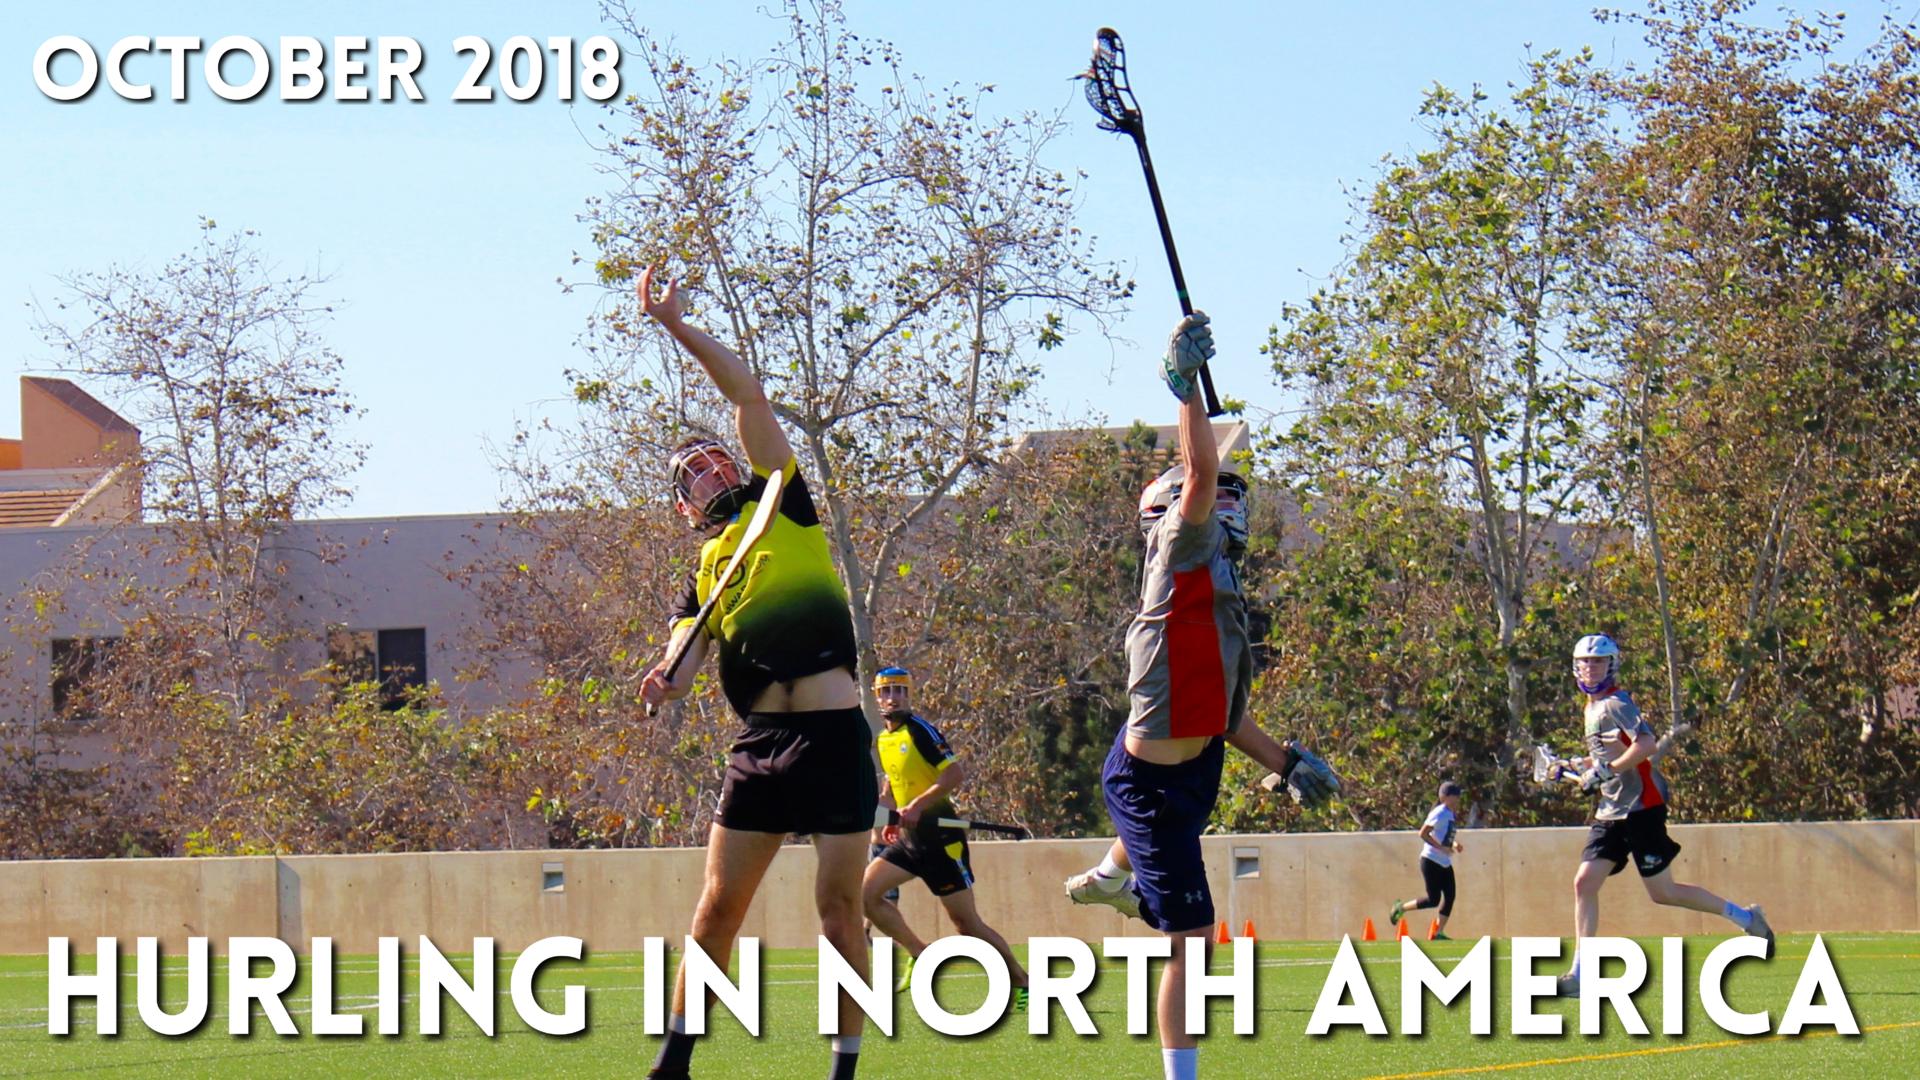 Hurling in North America News | October 2018